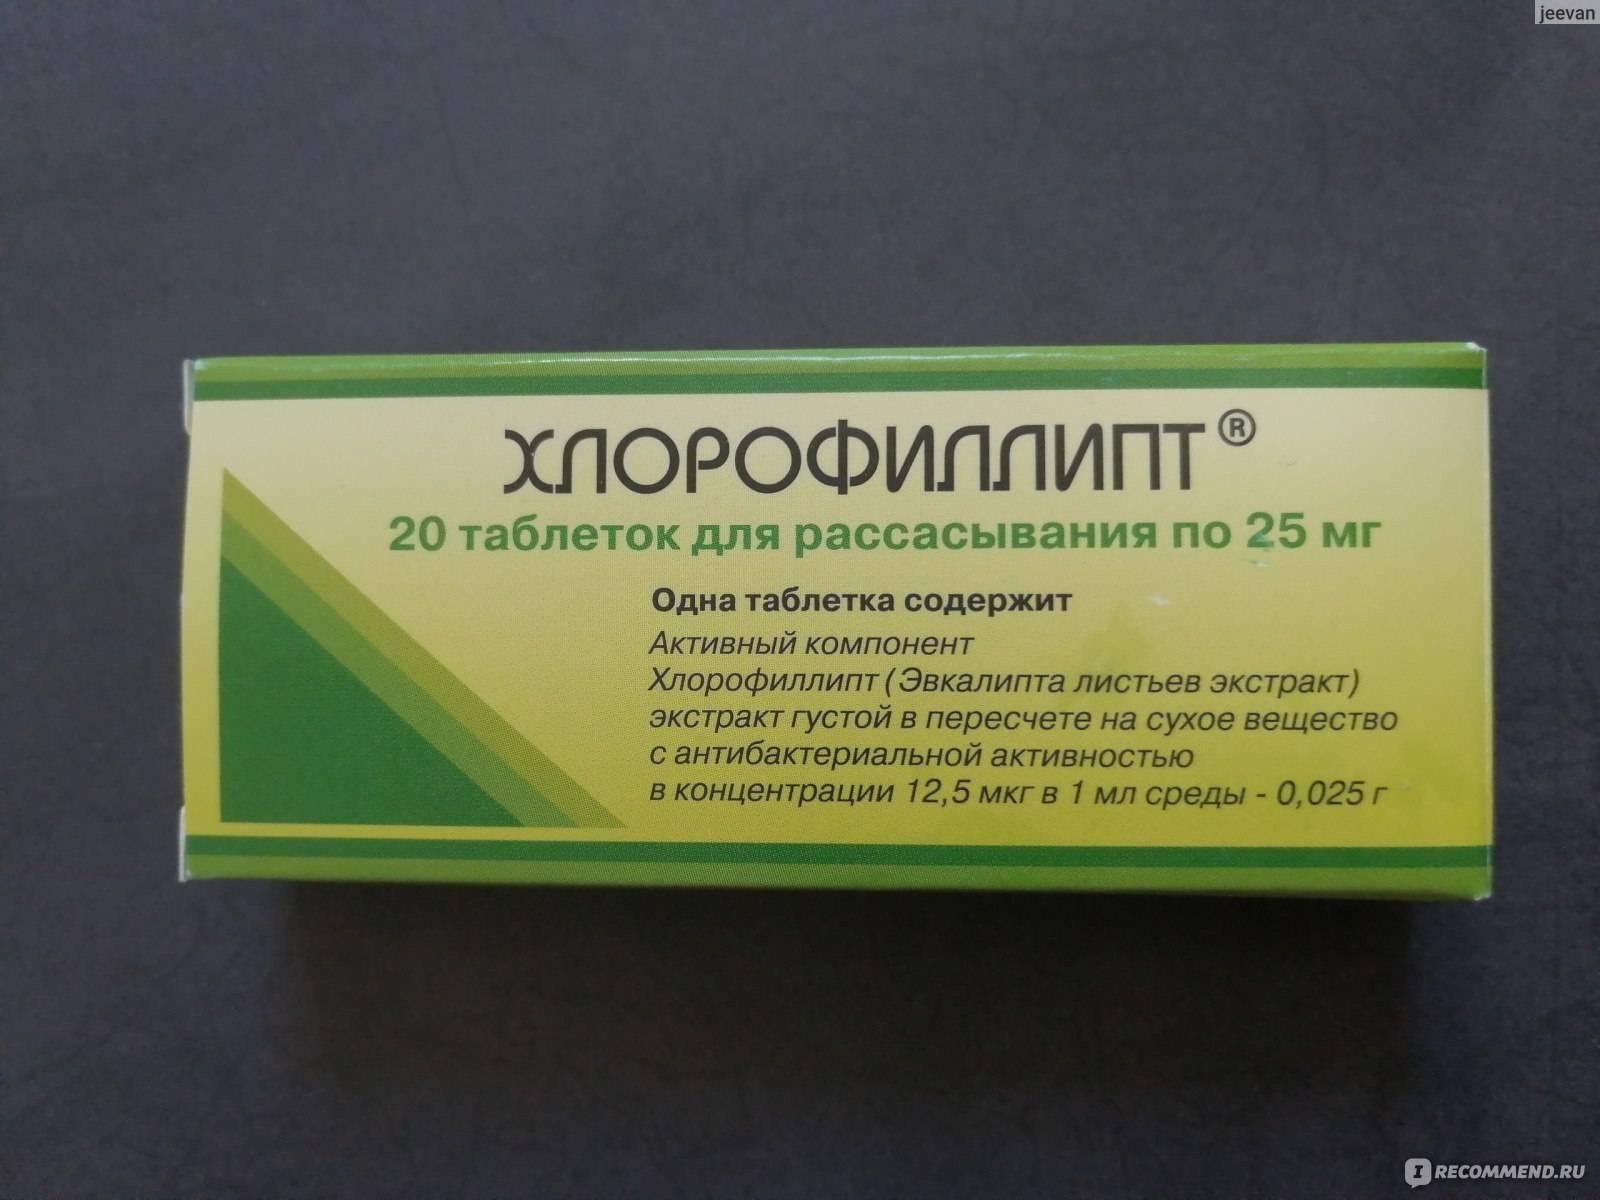 Как разводить спиртовой хлорофиллипт: инструкция для полоскания рта при стоматите у детей и взрослых